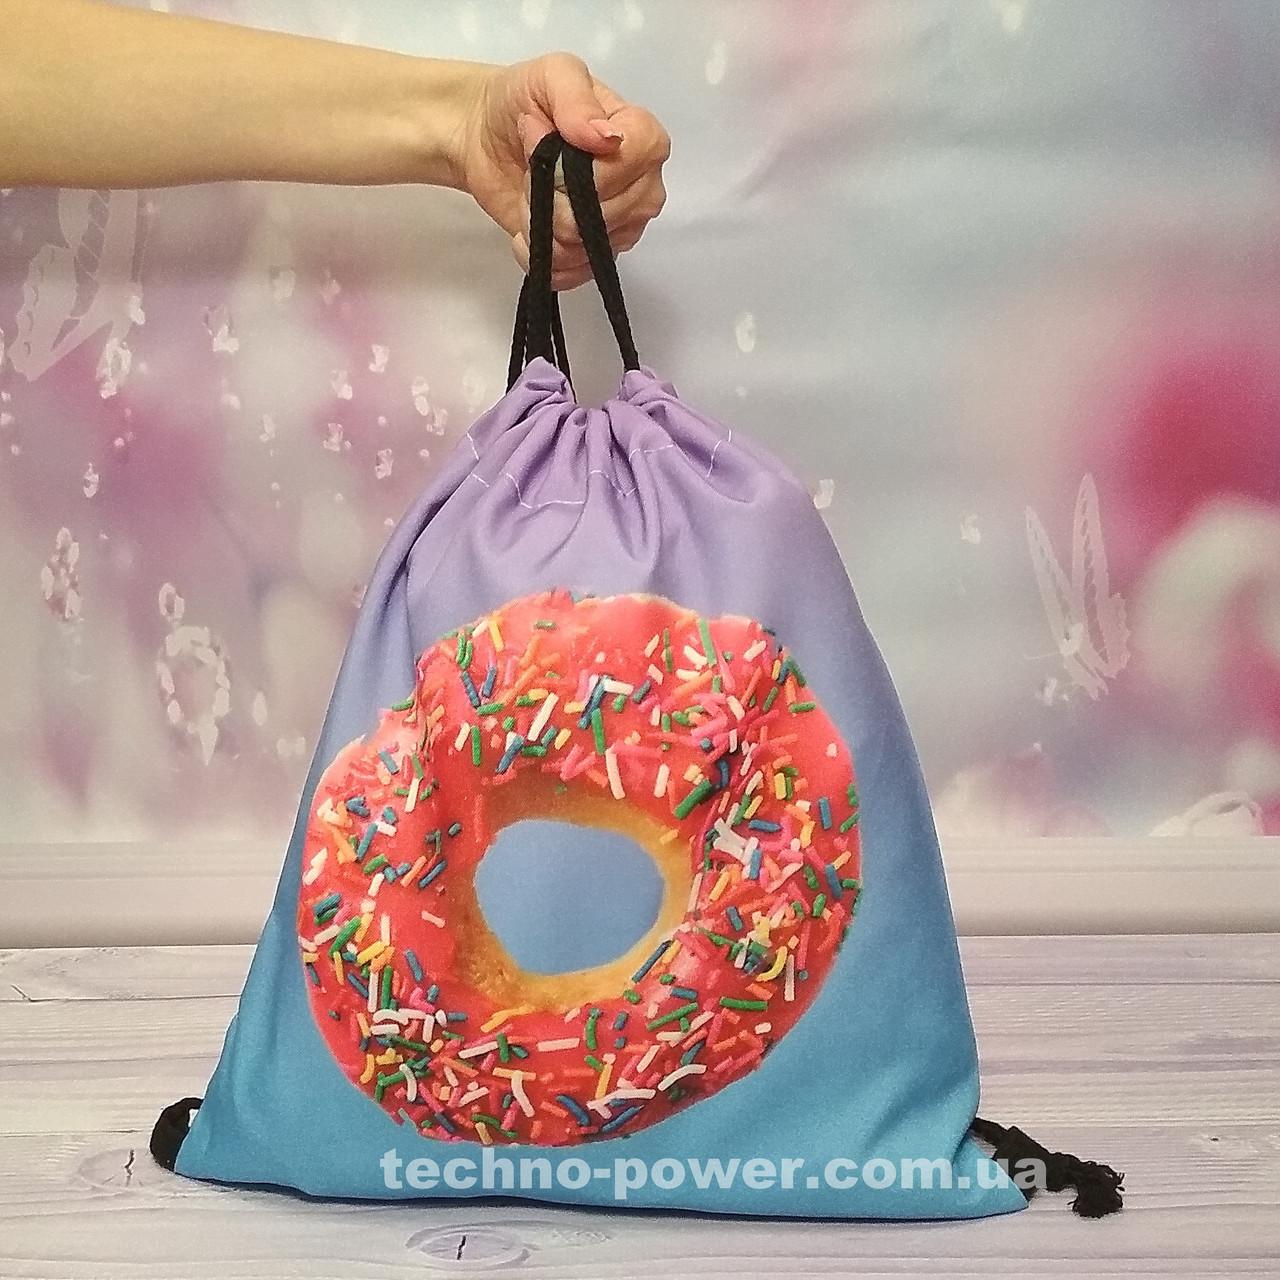 Сумка для домашних тренировок Пончик. Сумка-мешок с принтом для прогулок